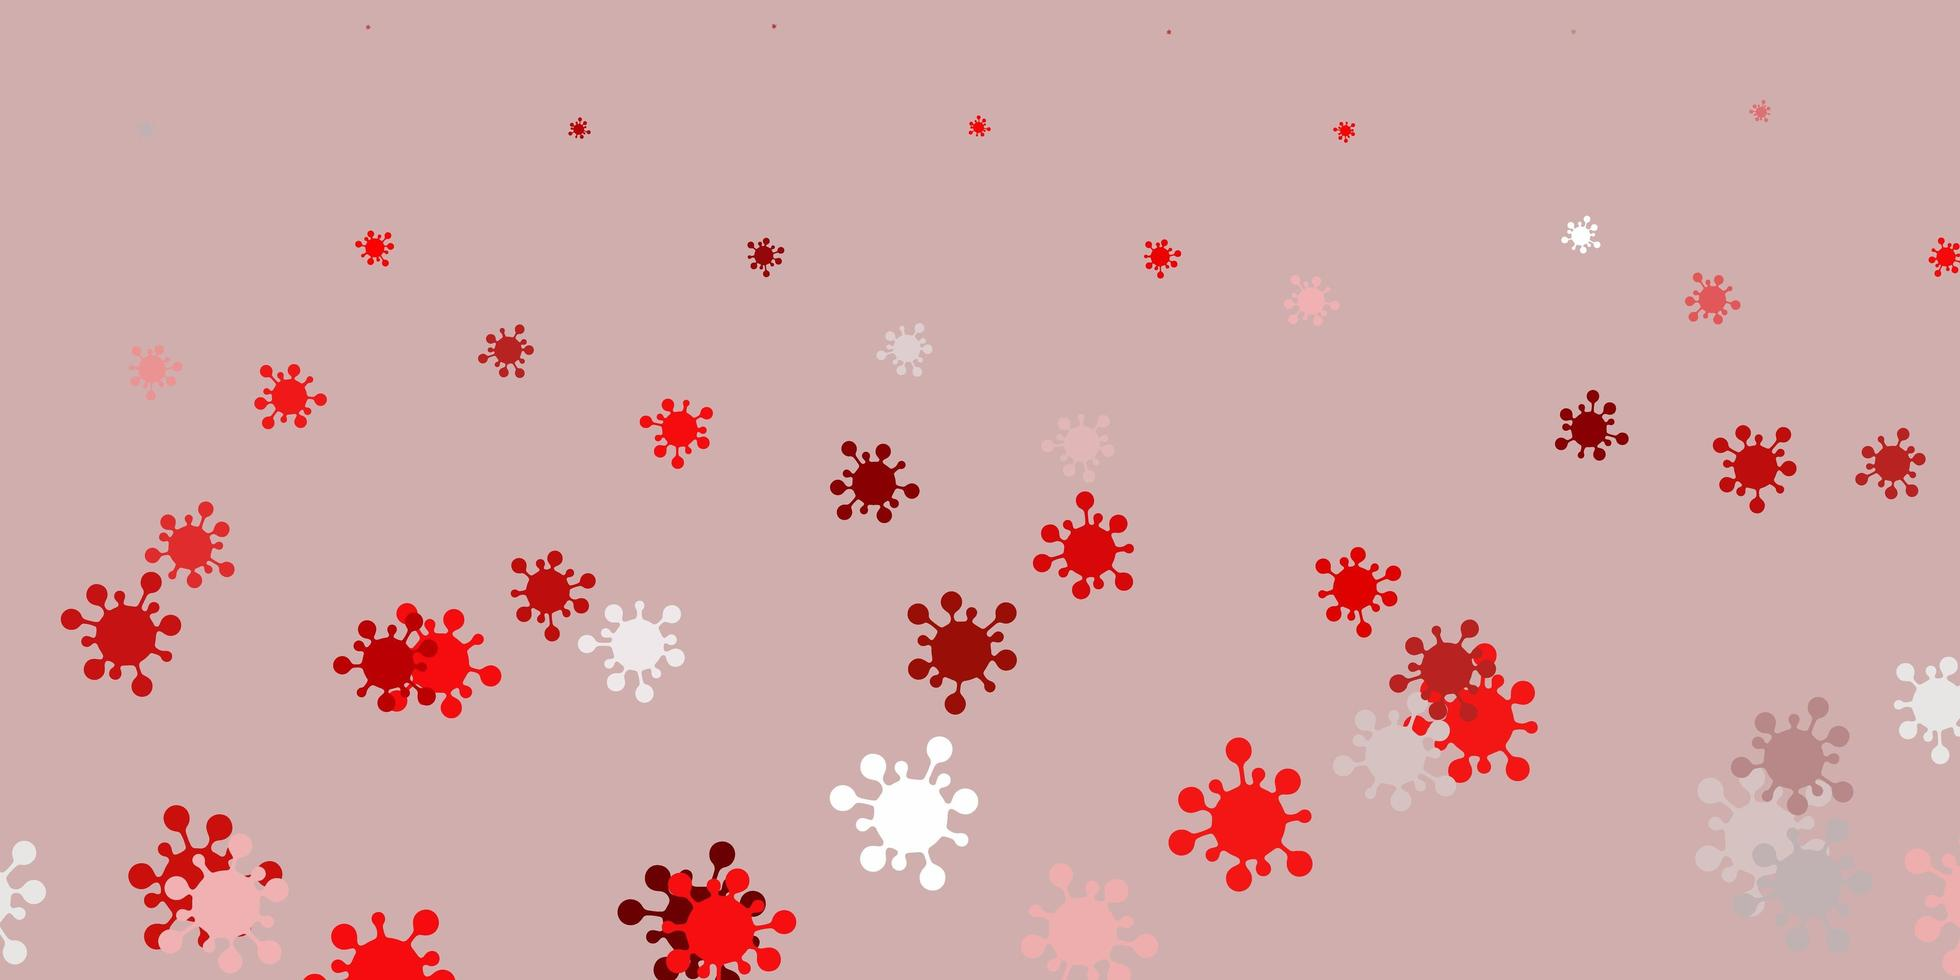 toile de fond rouge clair avec des symboles de virus. vecteur